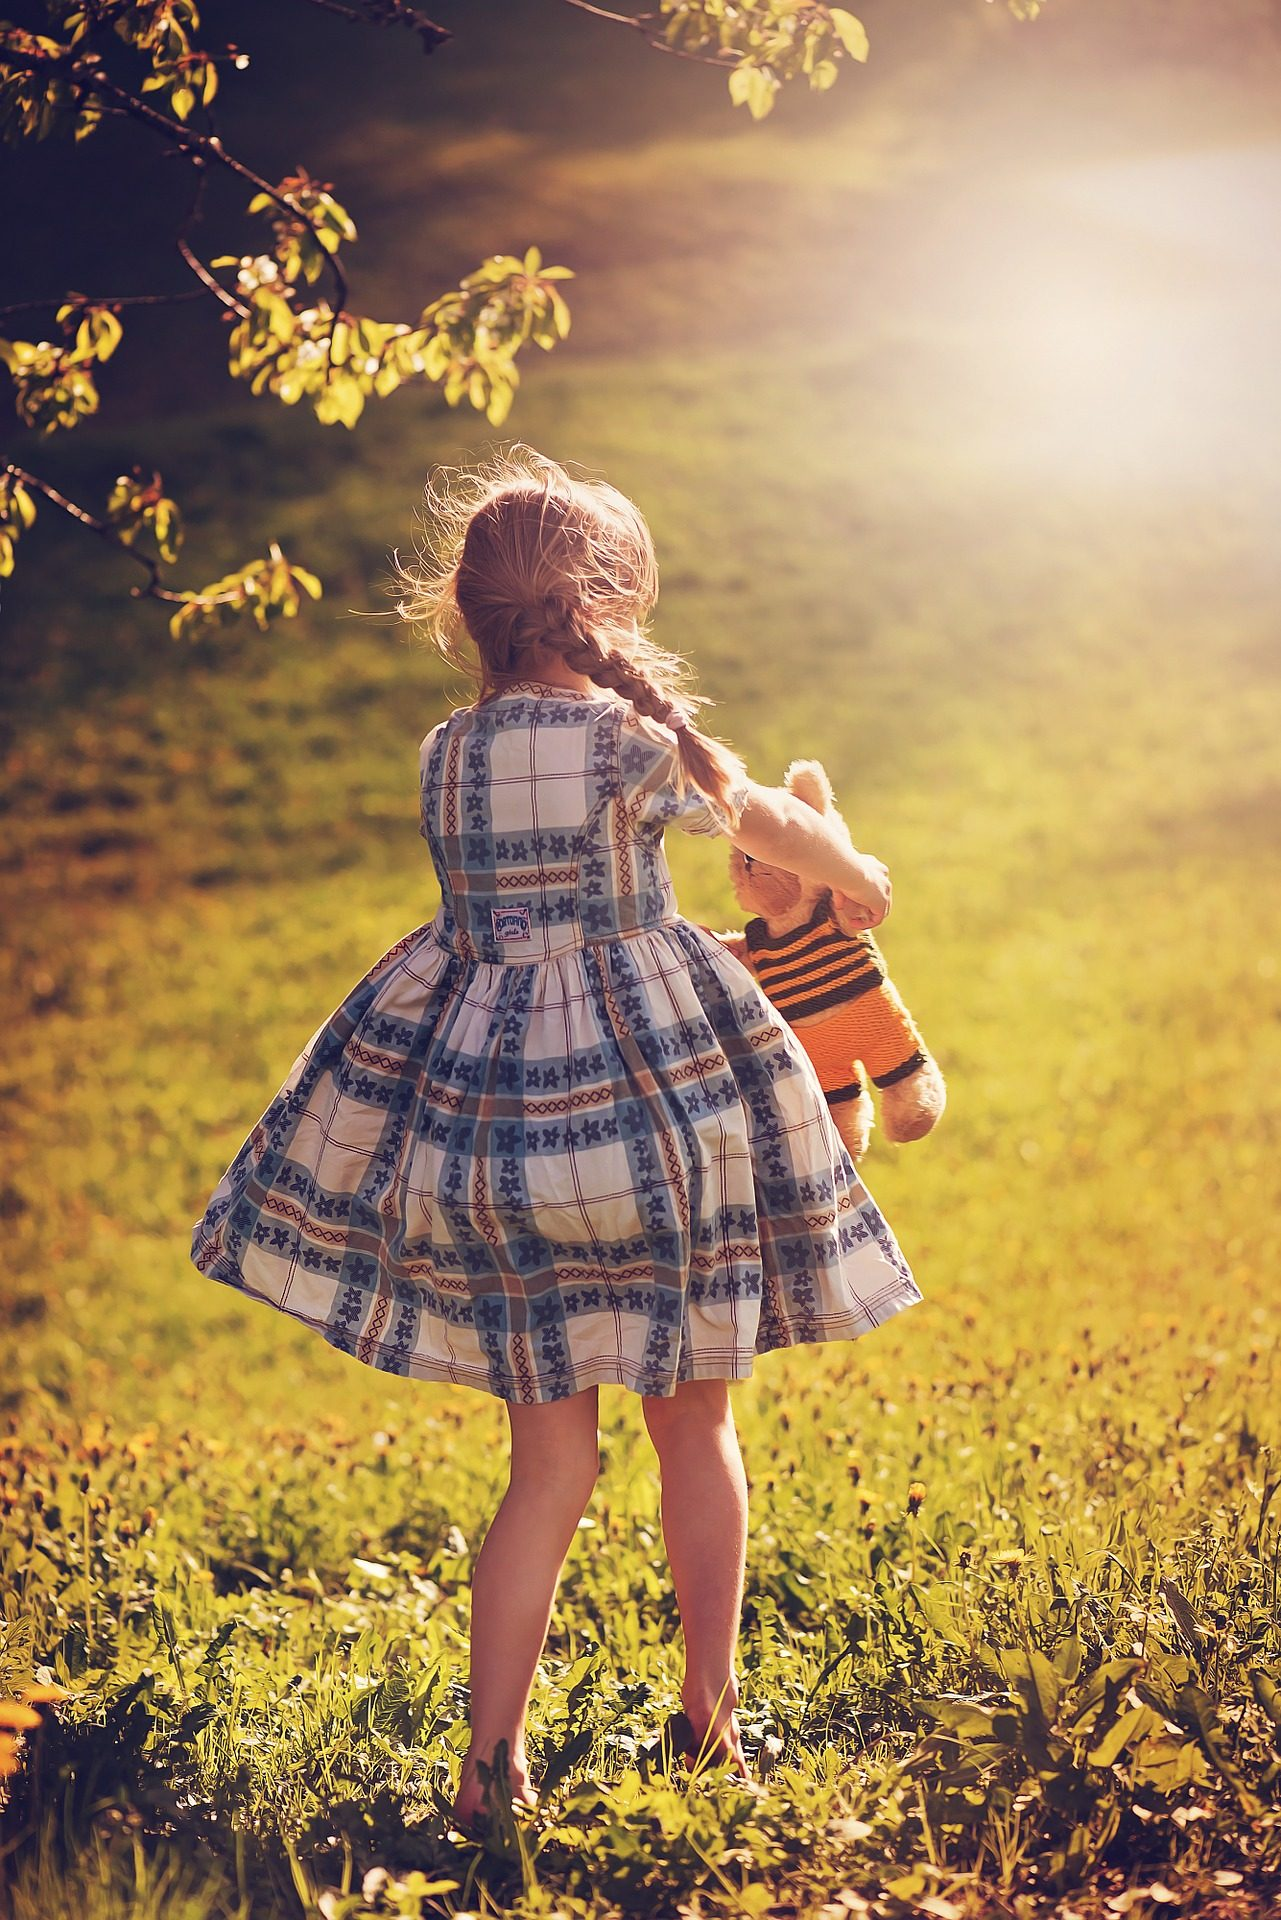 女の子, ドレス, 三つ編み, テディ, ゲーム, ガーデン - HD の壁紙 - 教授-falken.com